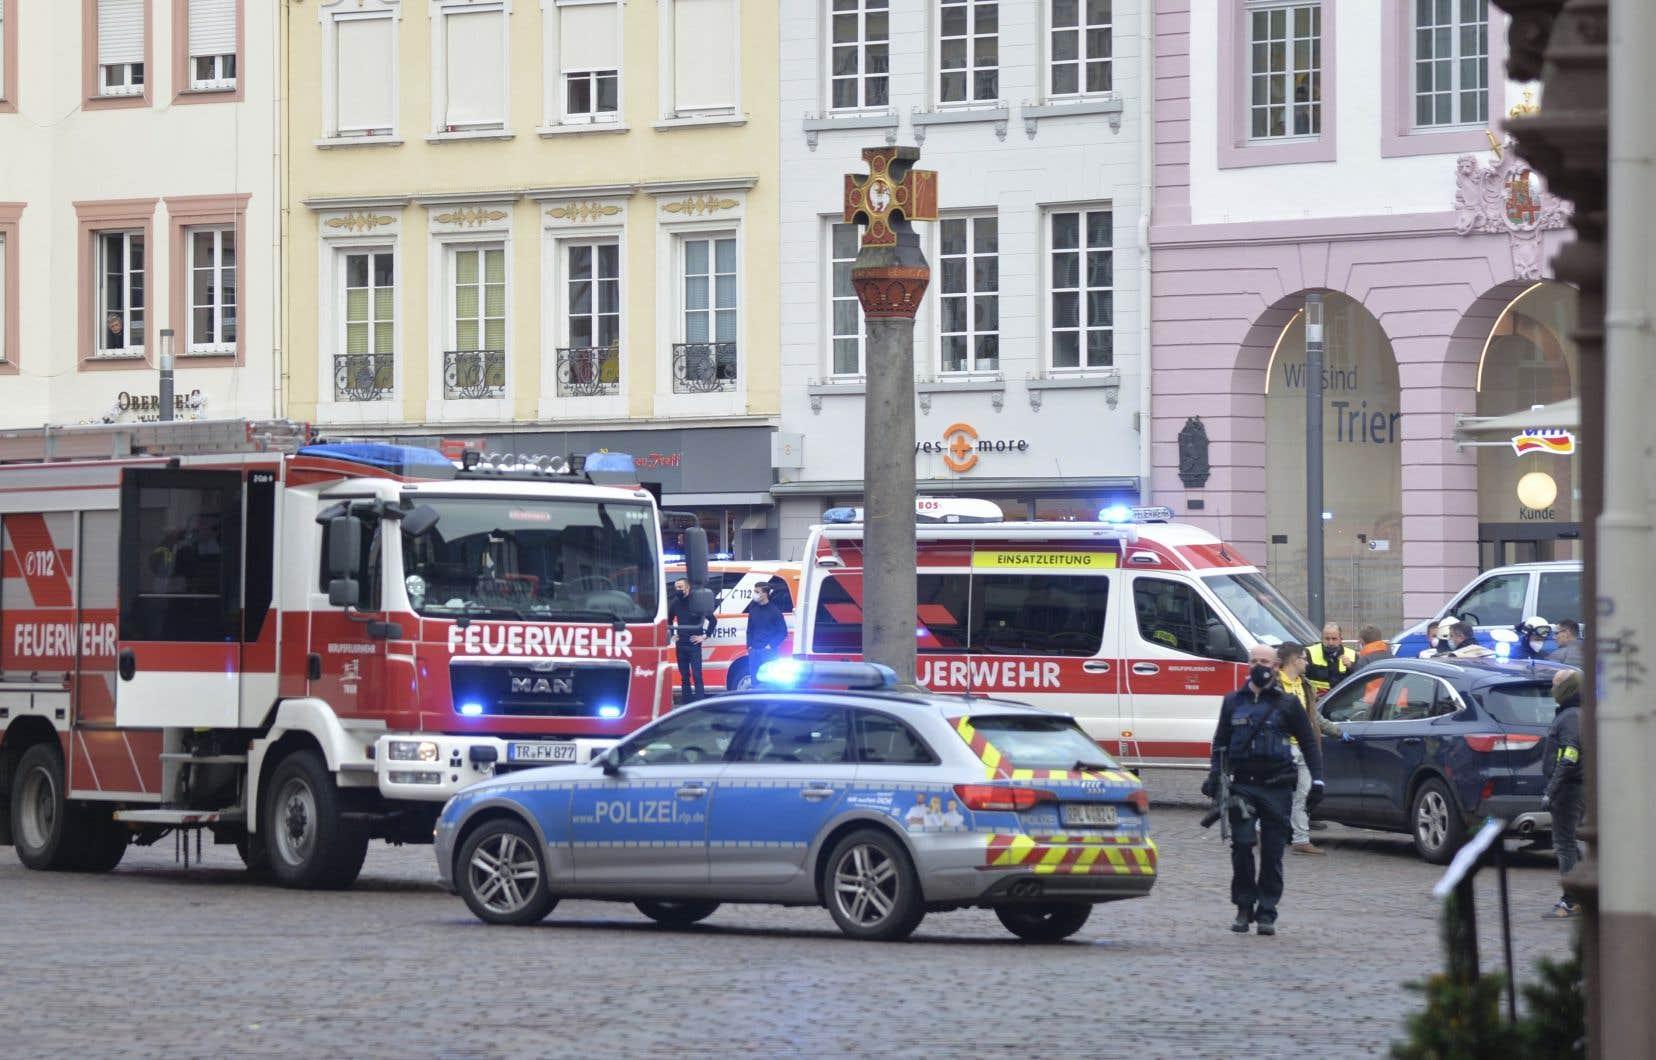 La police et la municipalité de Trèves ont demandé à la population d'éviter cette zone piétonne du centre de la ville où un important dispositif de sécurité a été déployé.